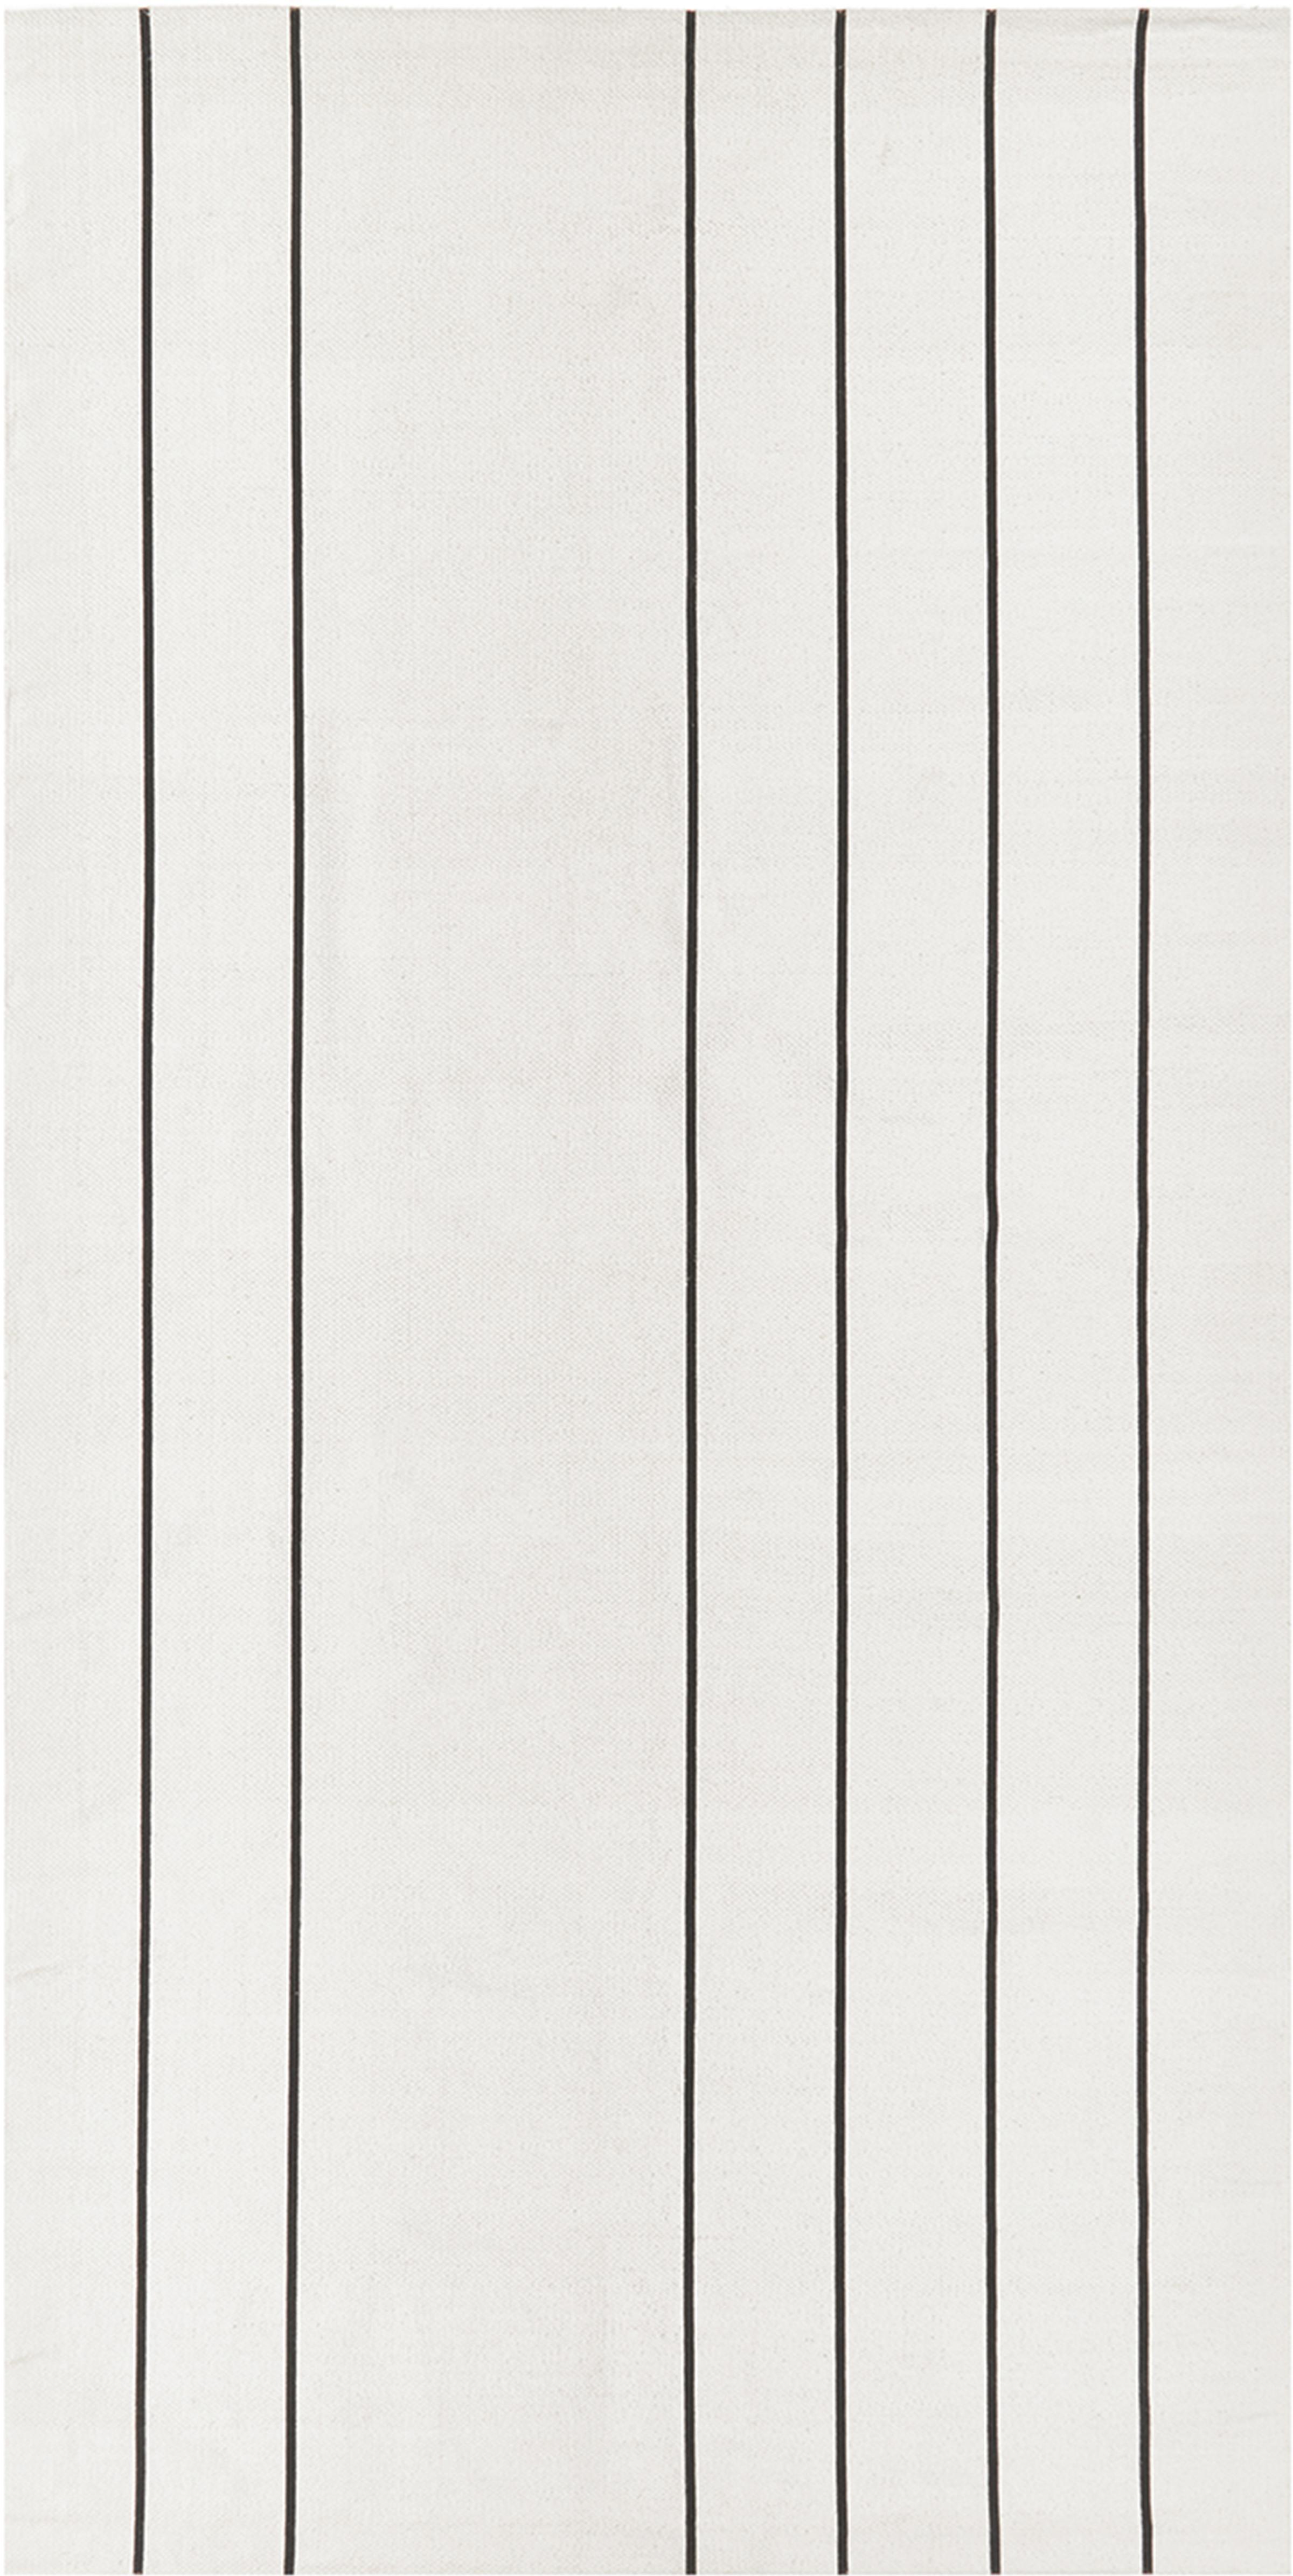 Flachgewebter Baumwollteppich David mit Linien, handgefertigt, 100% Baumwolle, Cremeweiß, Schwarz, B 70 x L 140 cm (Größe XS)